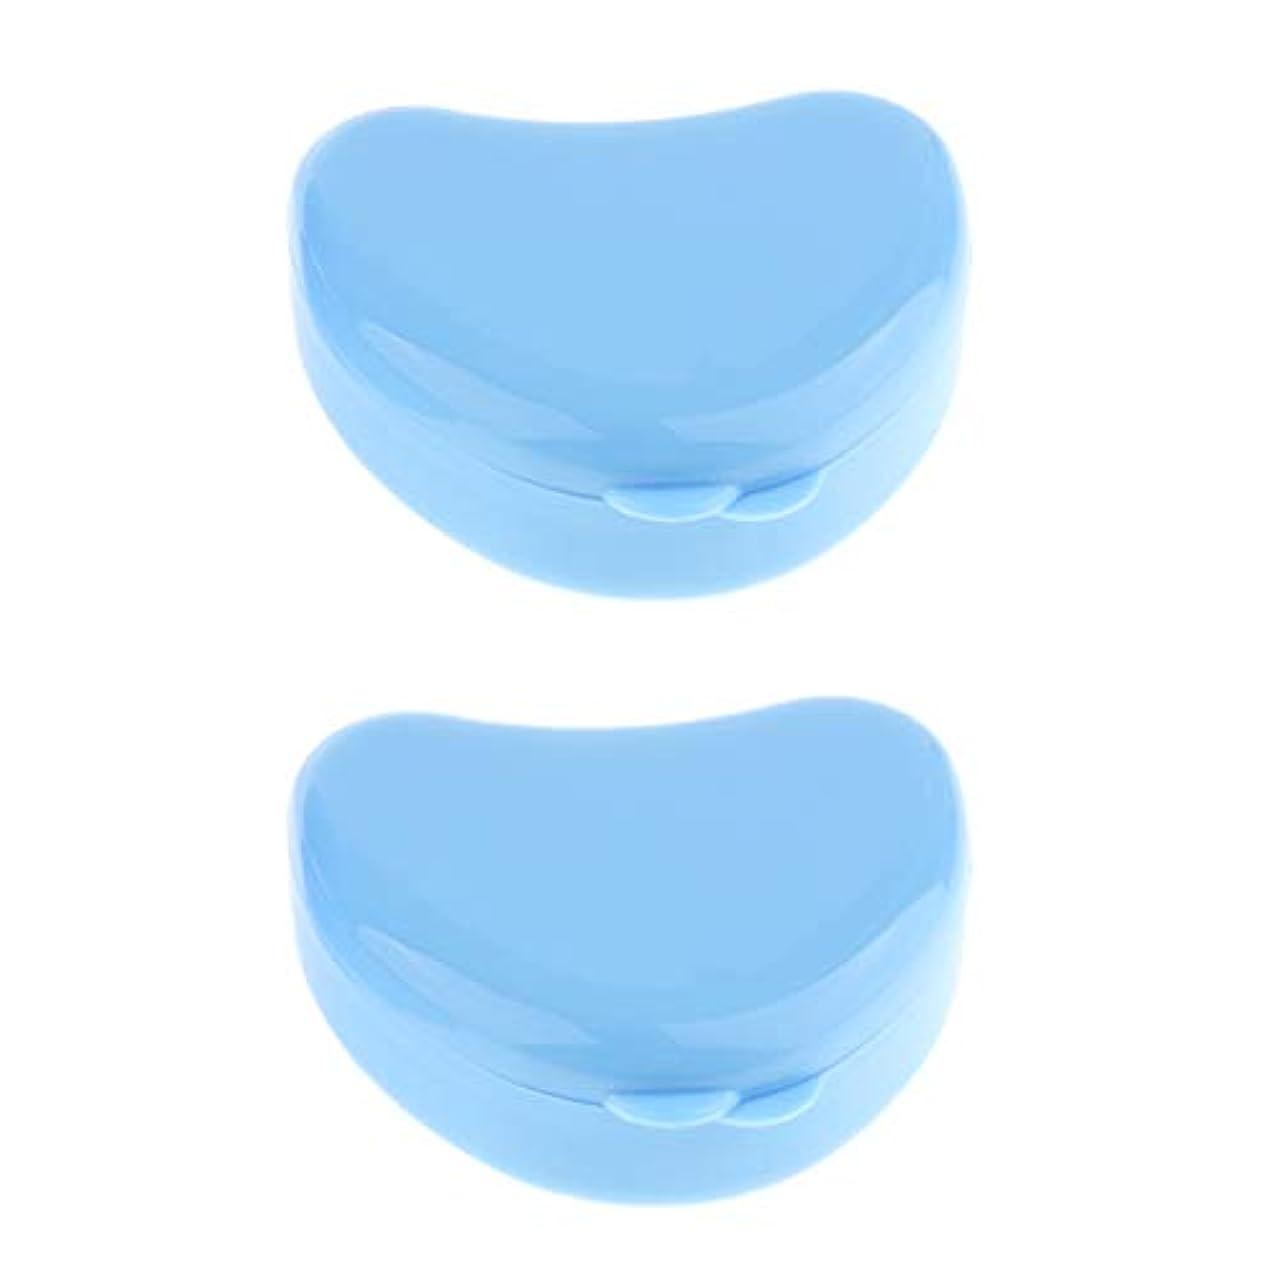 そばにスイッチささいな義歯ケース 入れ歯収納 入れ歯ケース 歯収納ボックス ハート型 可愛い 軽量 携帯便利 全3色 - 青